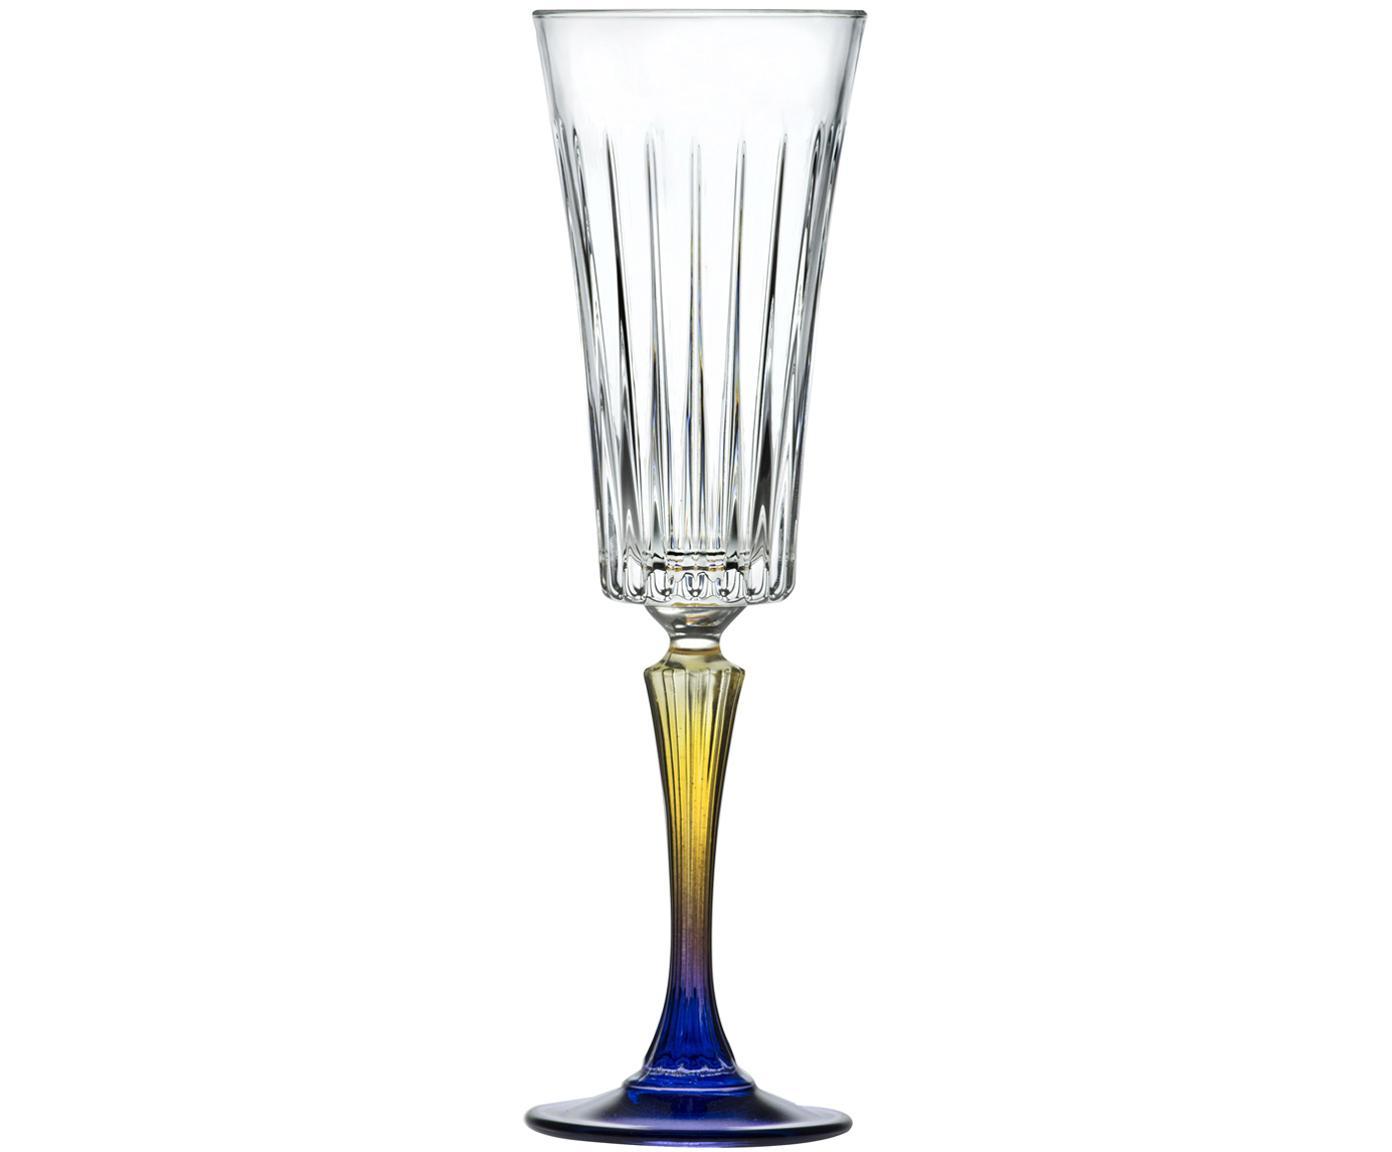 Kryształowy kieliszek do szampana Gipsy, 6 szt., Szkło kryształowe, Transparentny, żółty, niebieski, Ø 7 x W 23 cm